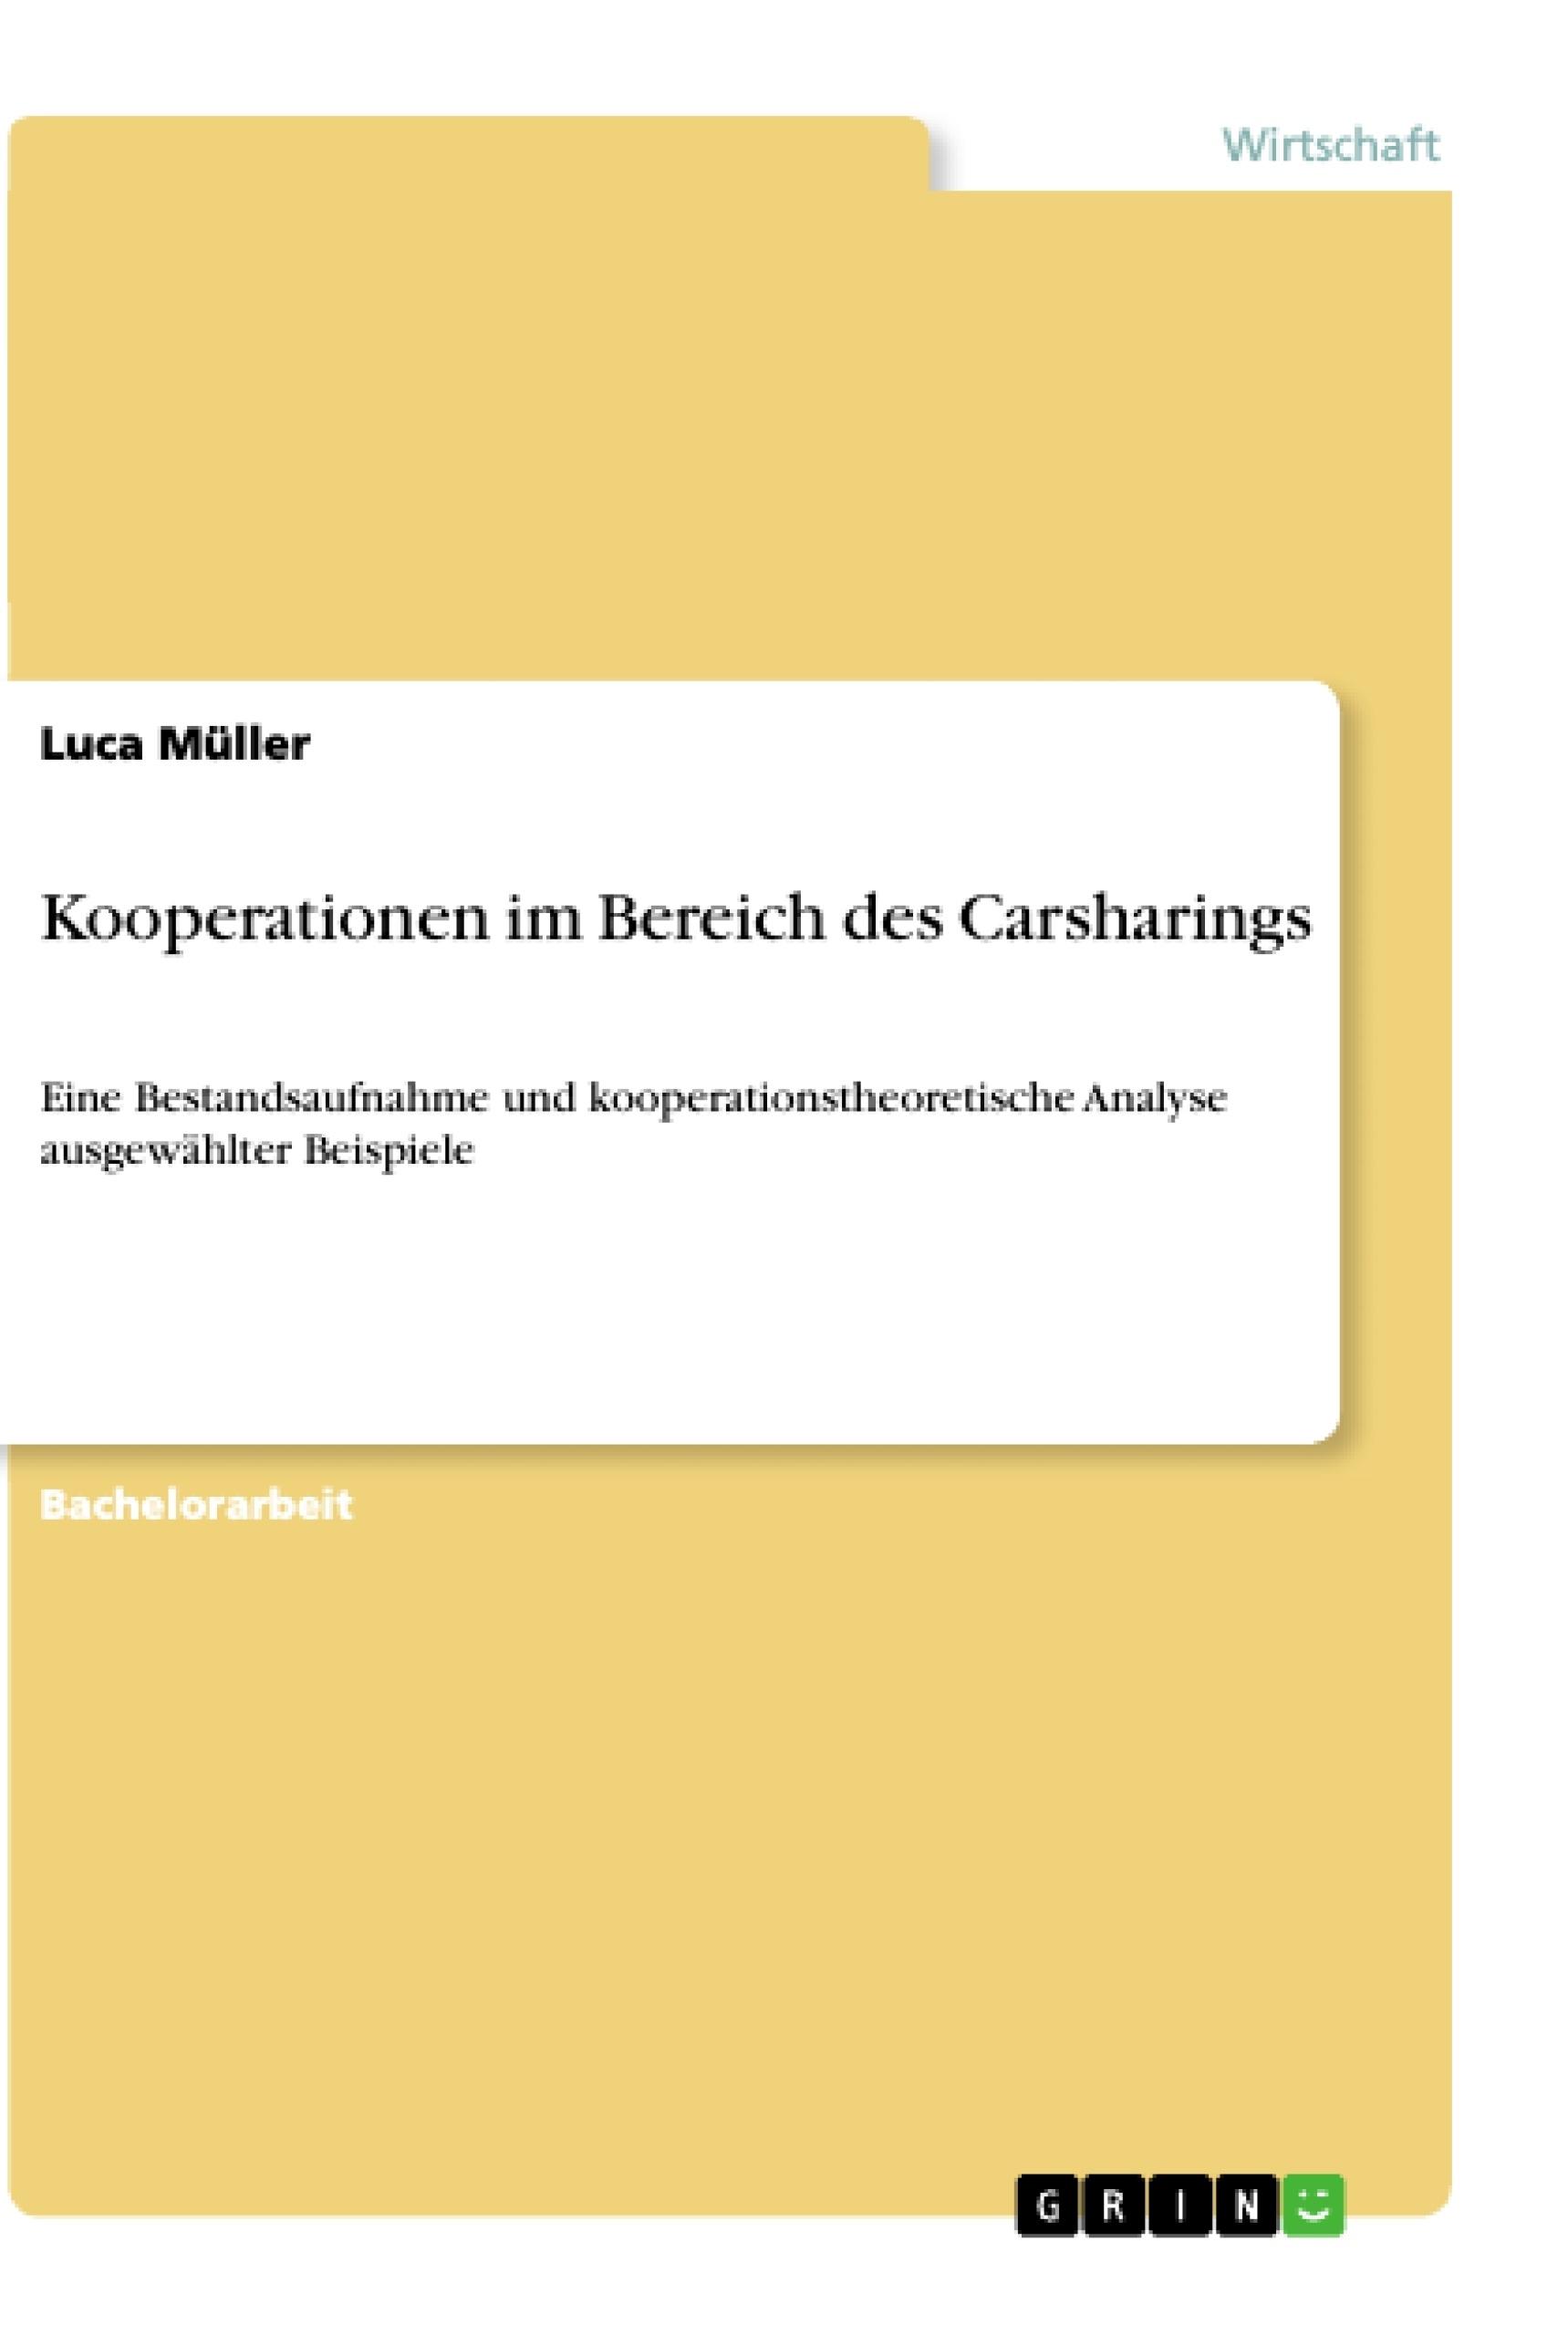 Titel: Kooperationen im Bereich des Carsharings